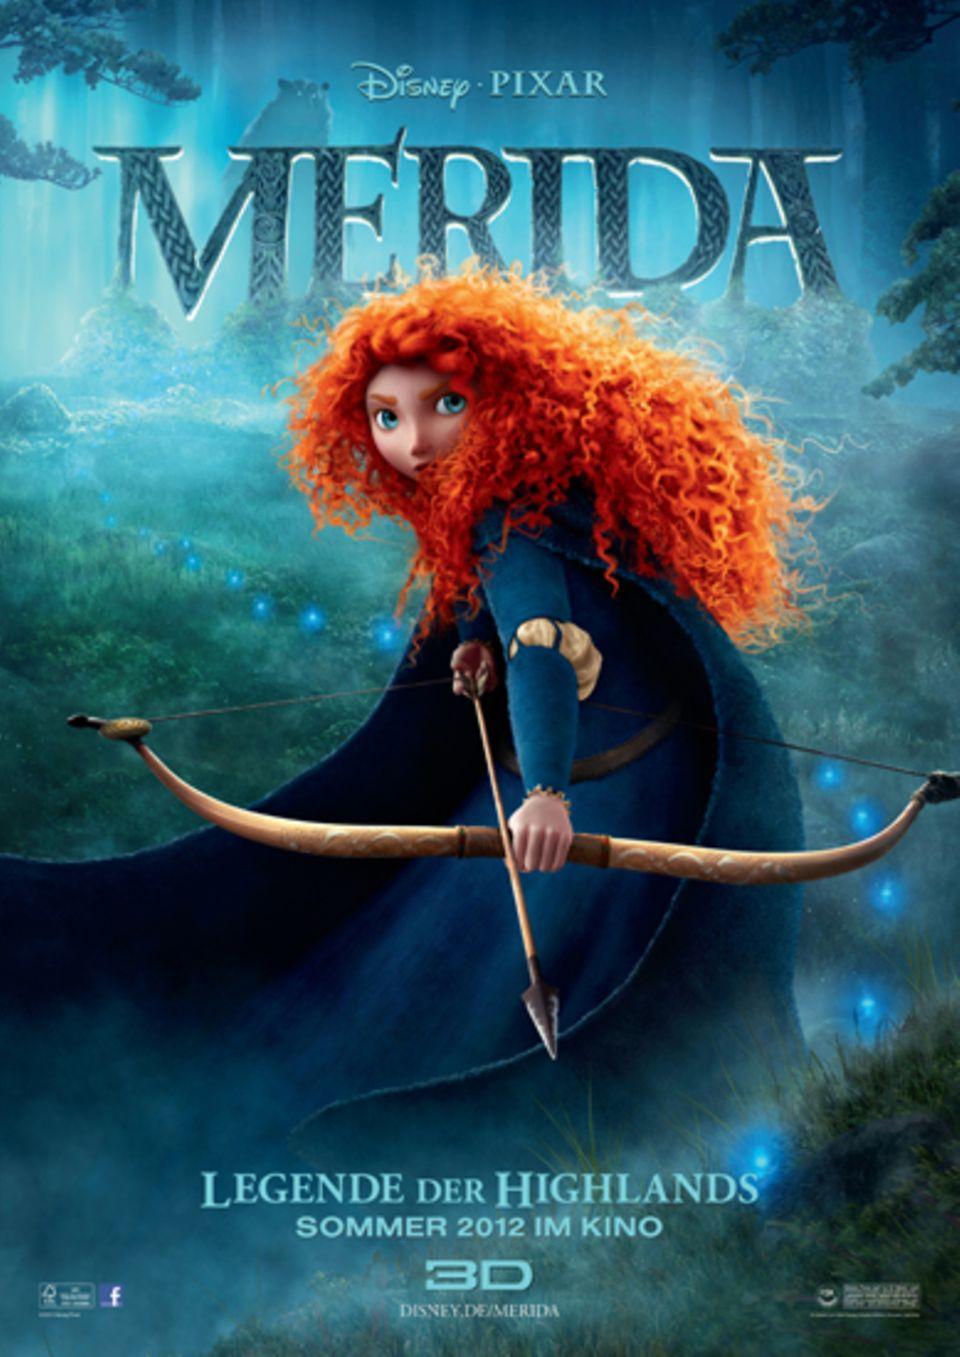 Dieses Mädchen braucht keinen Traumprinzen: Die schottische Königstochter Merida ist eine Meisterin im Bogenschießen, sehr mutig